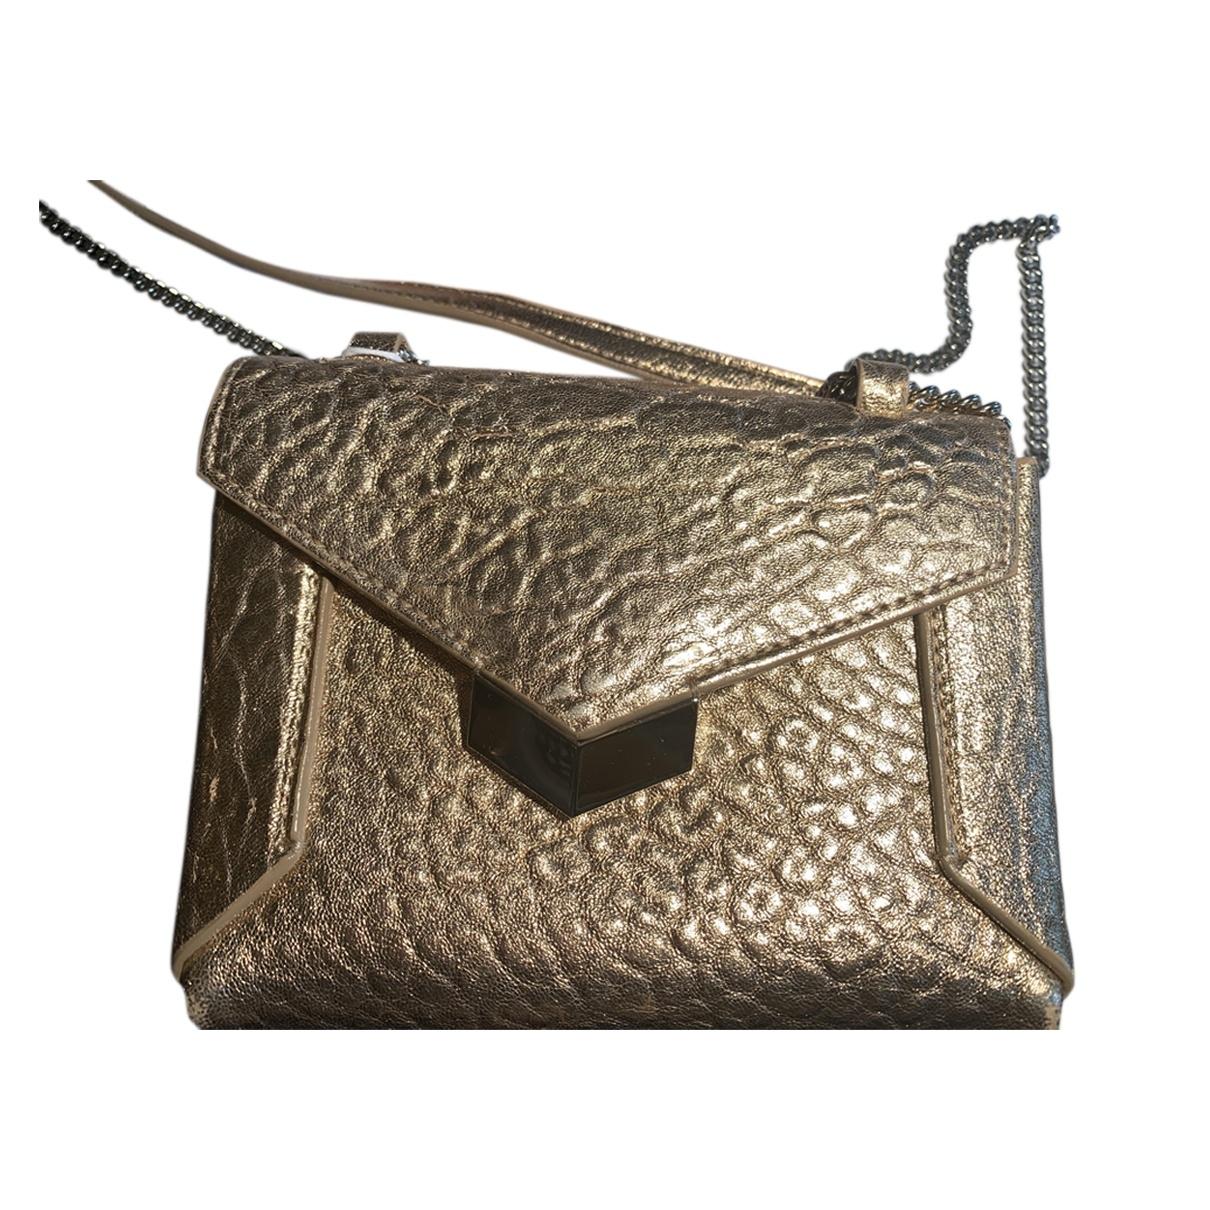 Jimmy Choo \N Gold Leather Clutch bag for Women \N